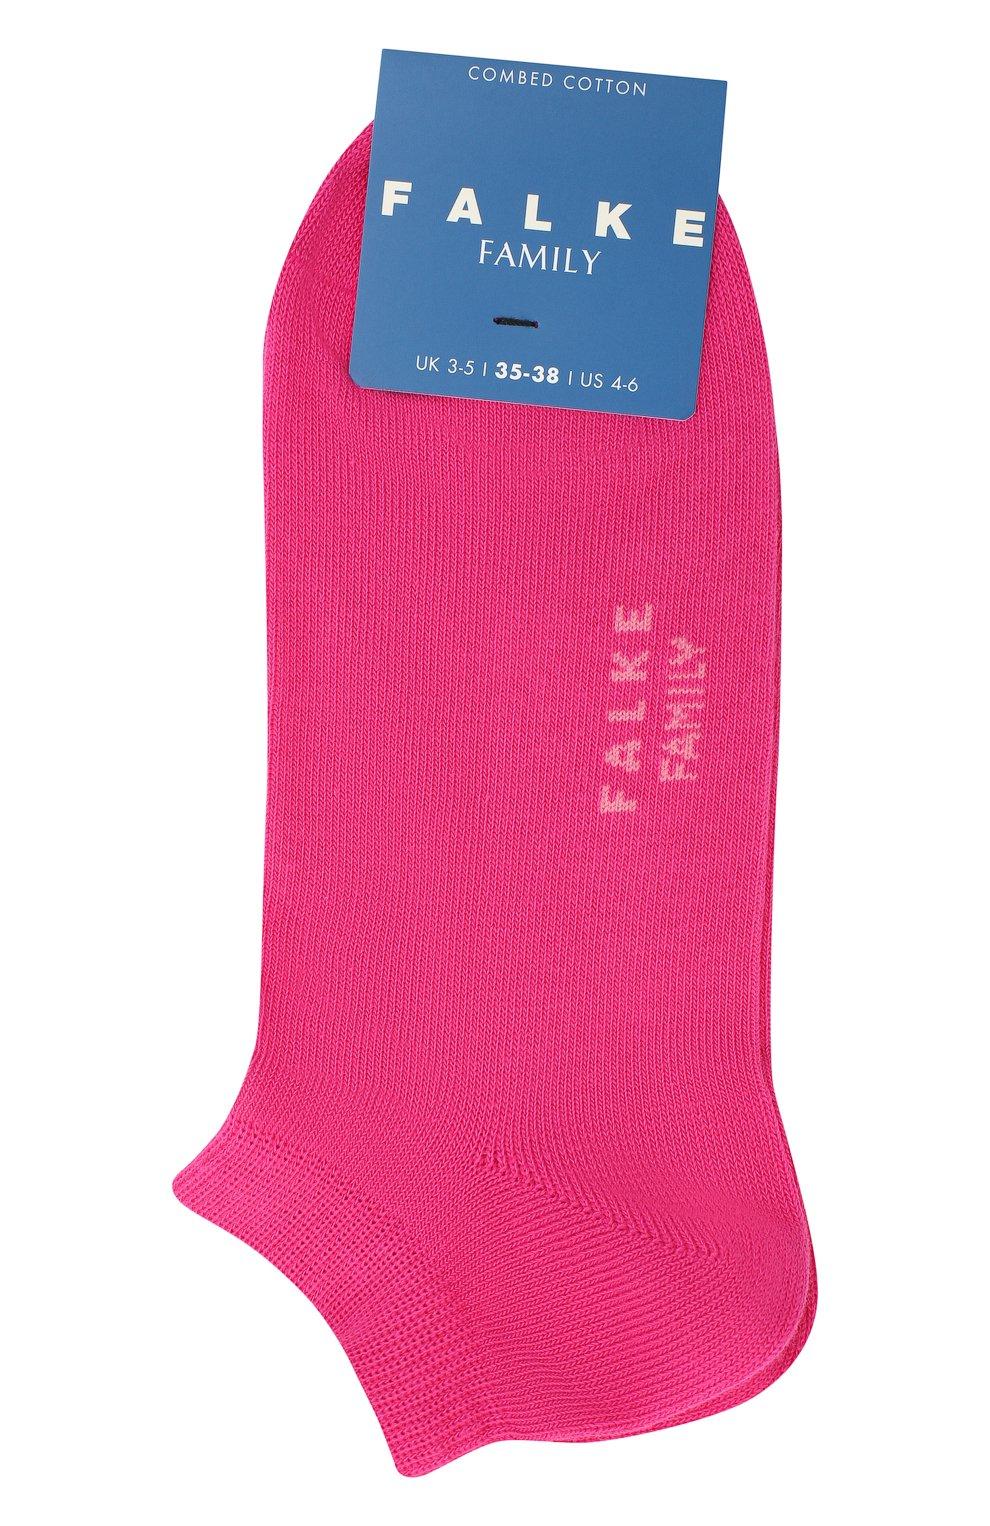 Детские носки FALKE фуксия цвета, арт. 10631. | Фото 1 (Материал: Текстиль, Хлопок)